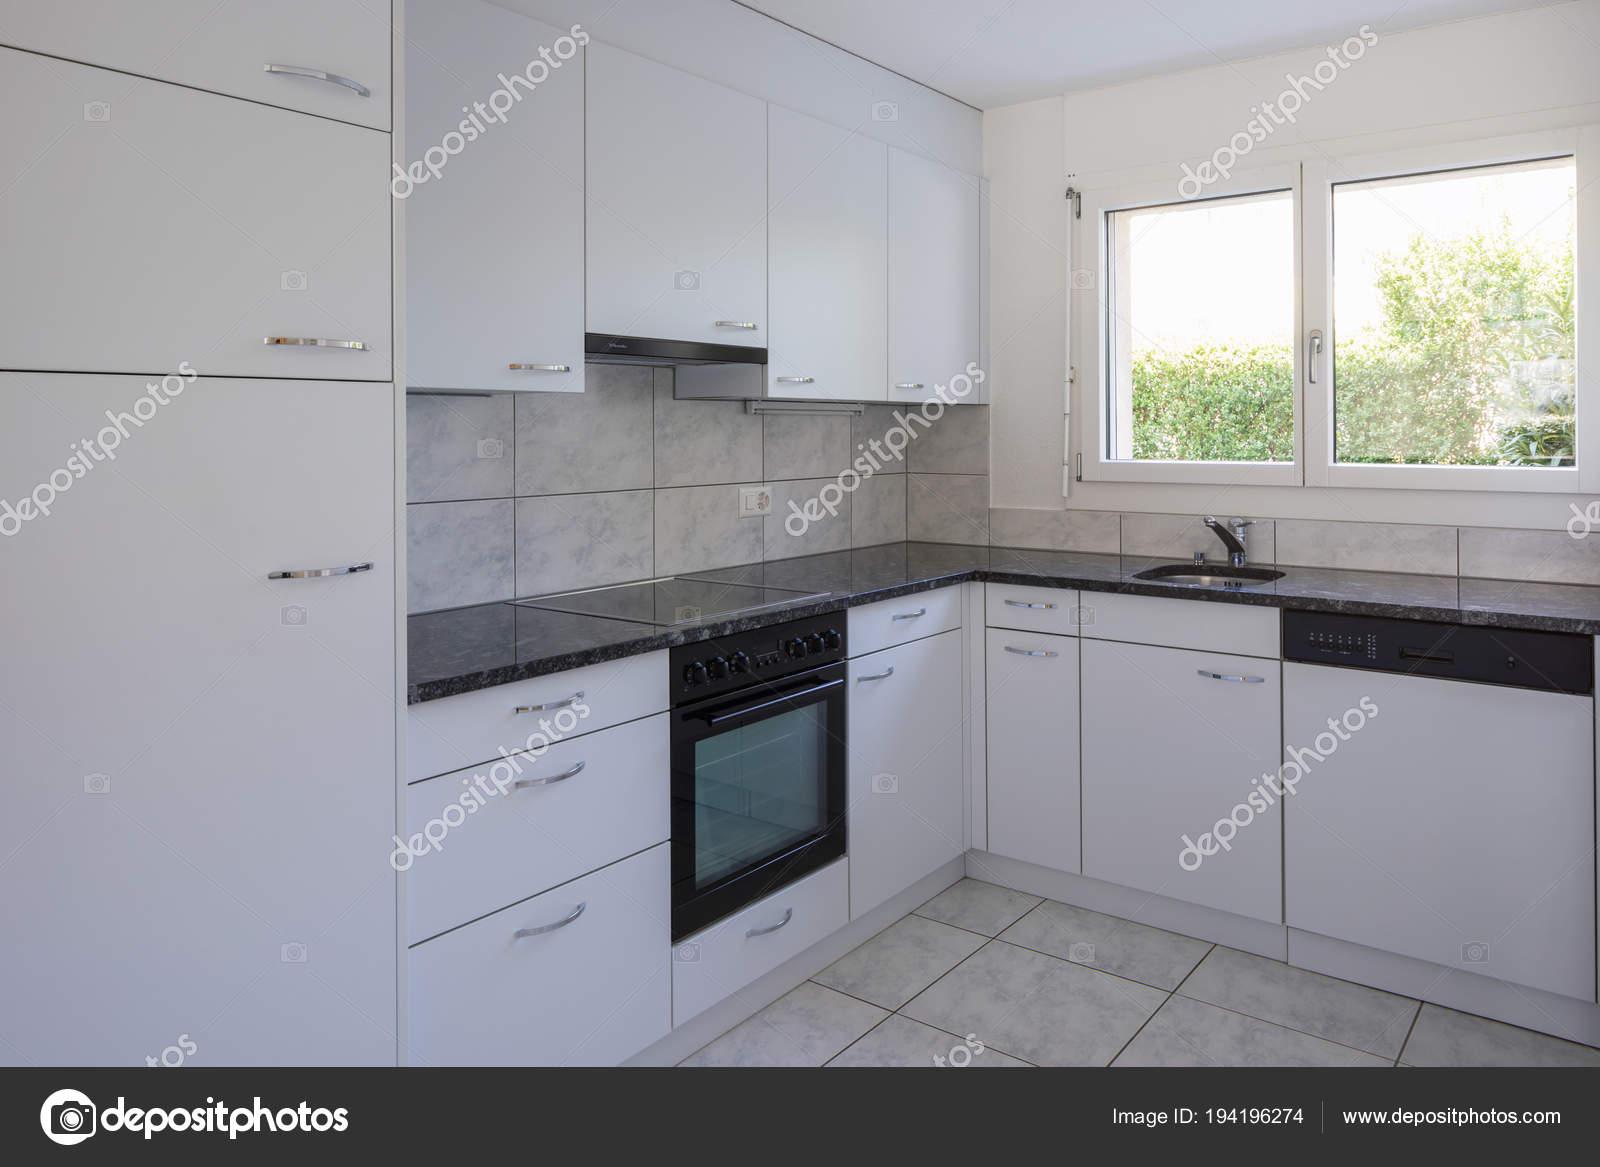 Witte Tegels Keuken : Vintage witte keuken met grote tegels u stockfoto zveiger